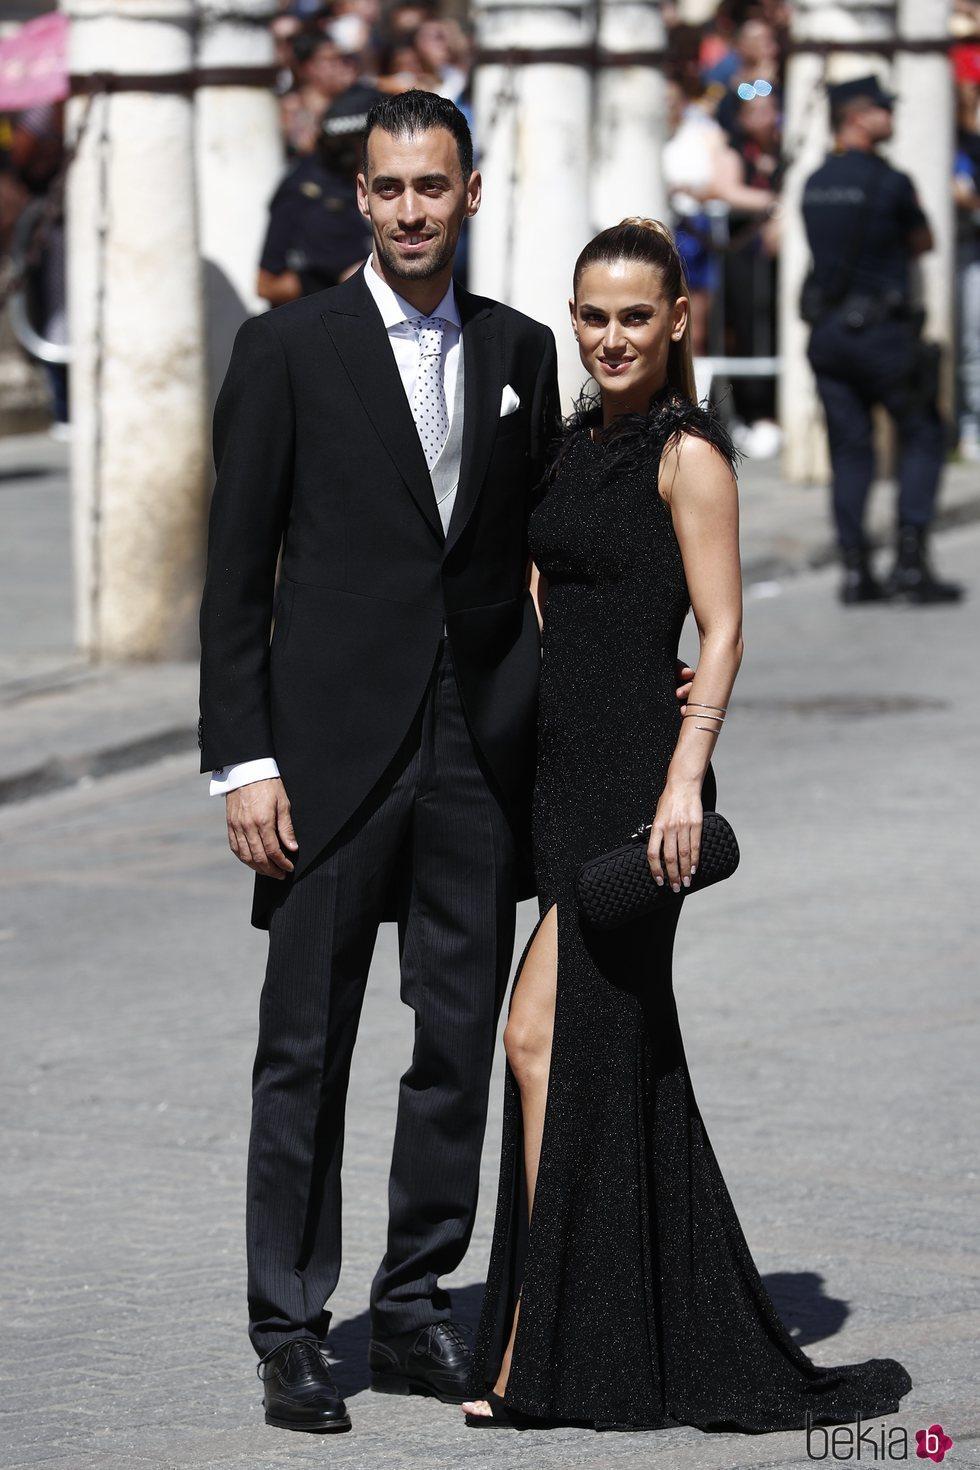 Sergio Busquets y su mujer Elena Galera a su llegada  a la boda de Pilar Rubio y Sergio Ramos